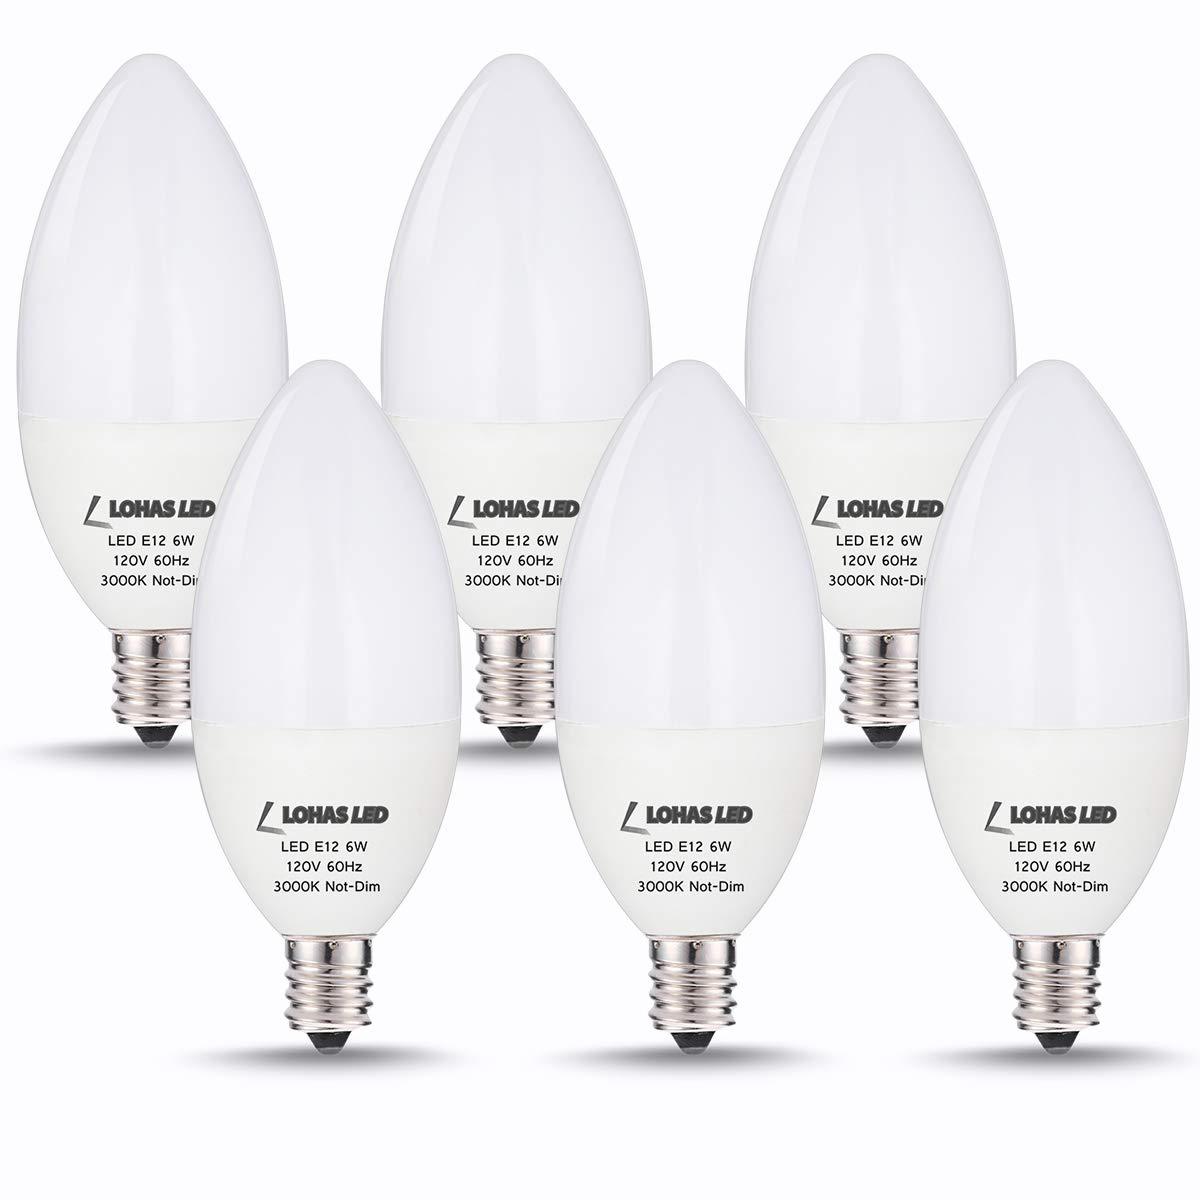 LOHAS E12 LED Bulbs for Ceiling Fan, 6Watt, Candelabra LED Bulbs 60W Equivalent Incandescent Bulb, E12 Candelabra Base, 550Lumen, Soft White 3000K for Chandelier Bulb, Non-dimmable, 6 Pack